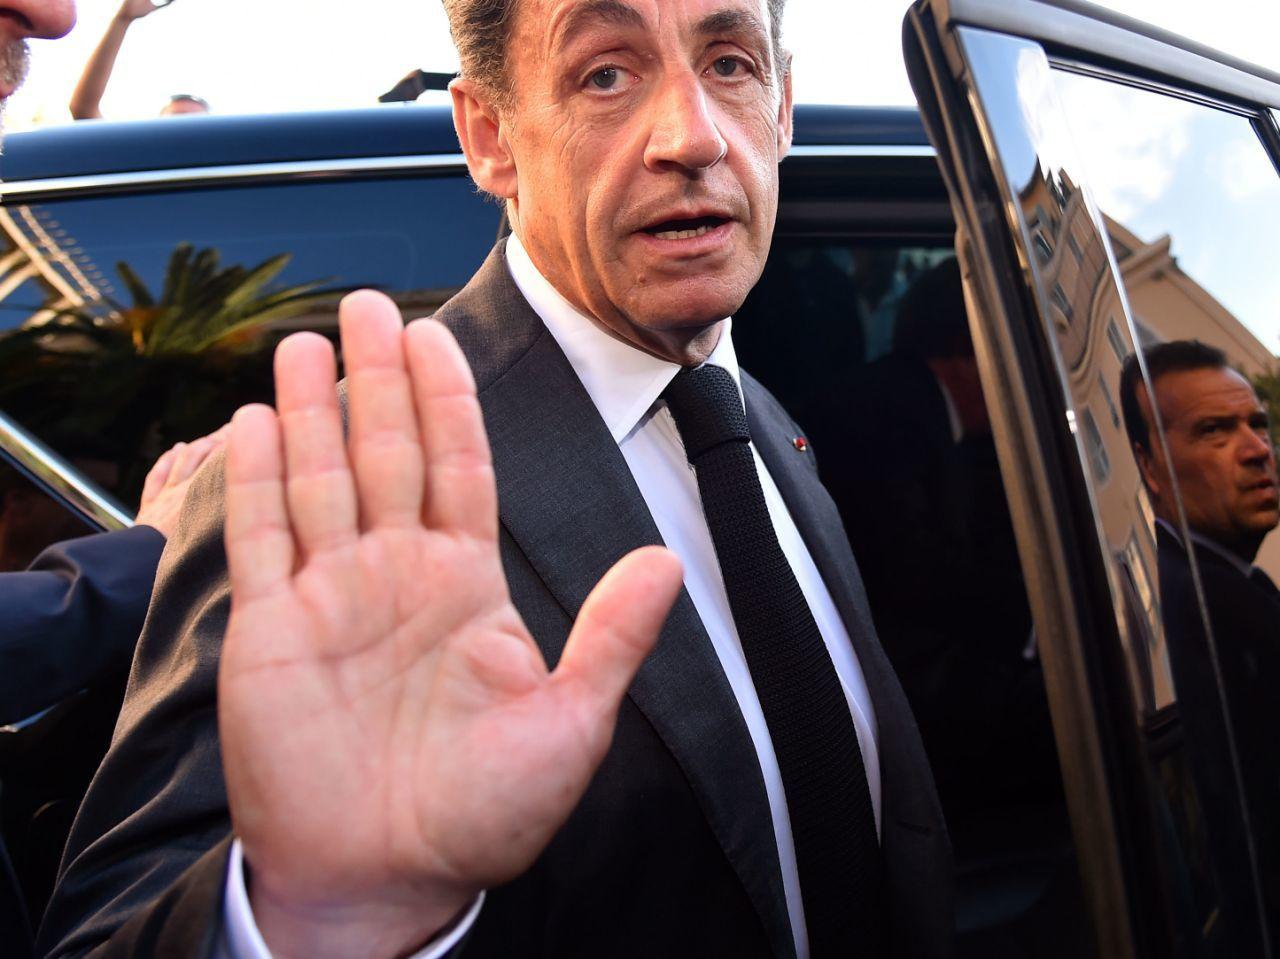 L'affaire libyenne révèle les liens étroits entre Sarkozy et l'intermédiaire Djouhri (Mediapart)